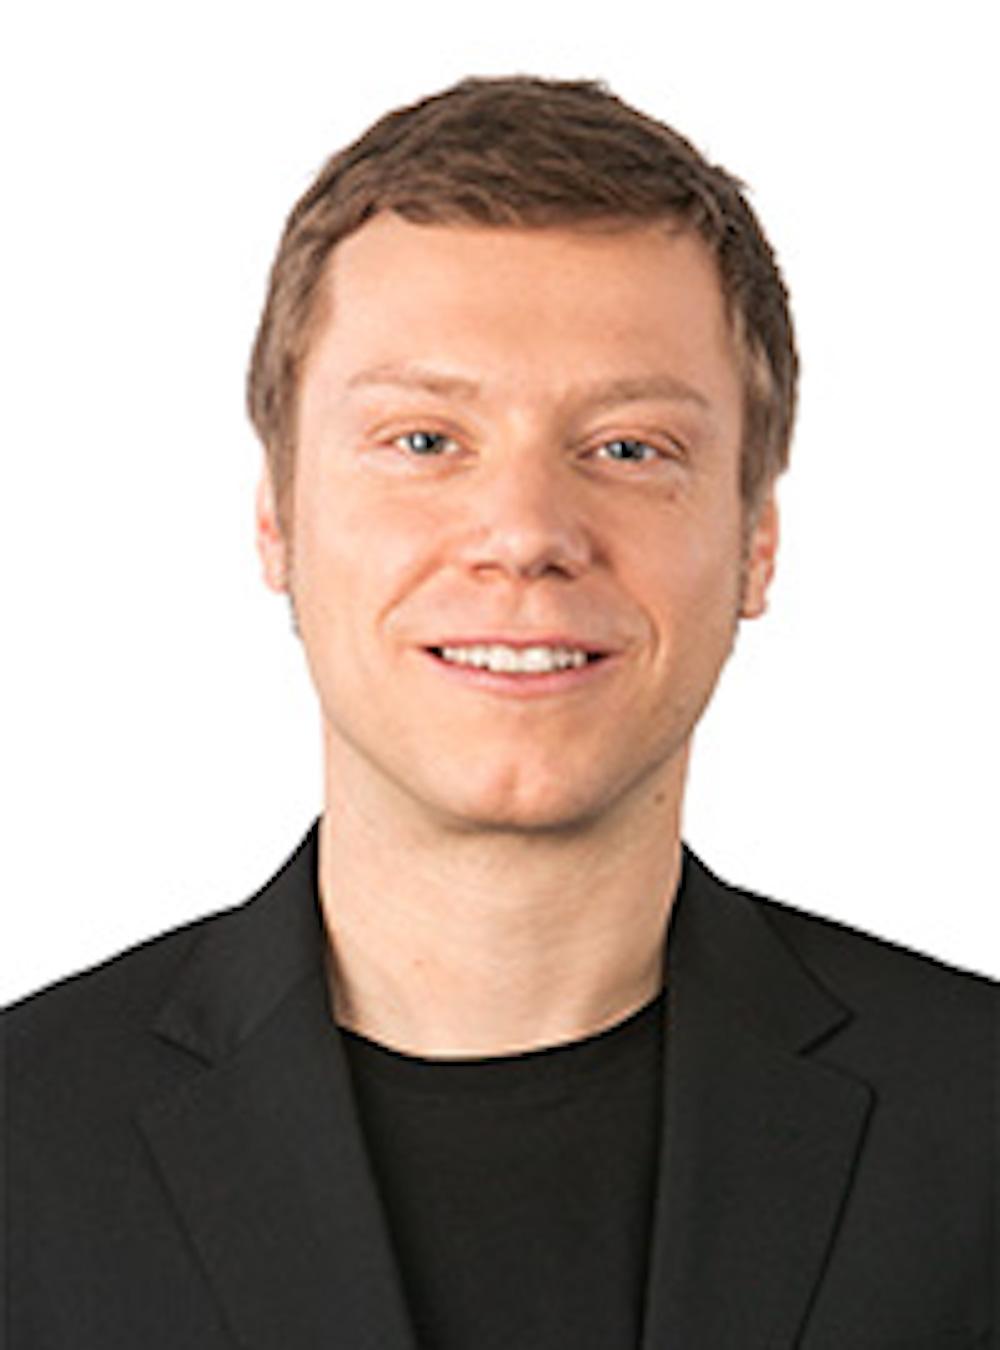 Μάρτιν Schirdewan